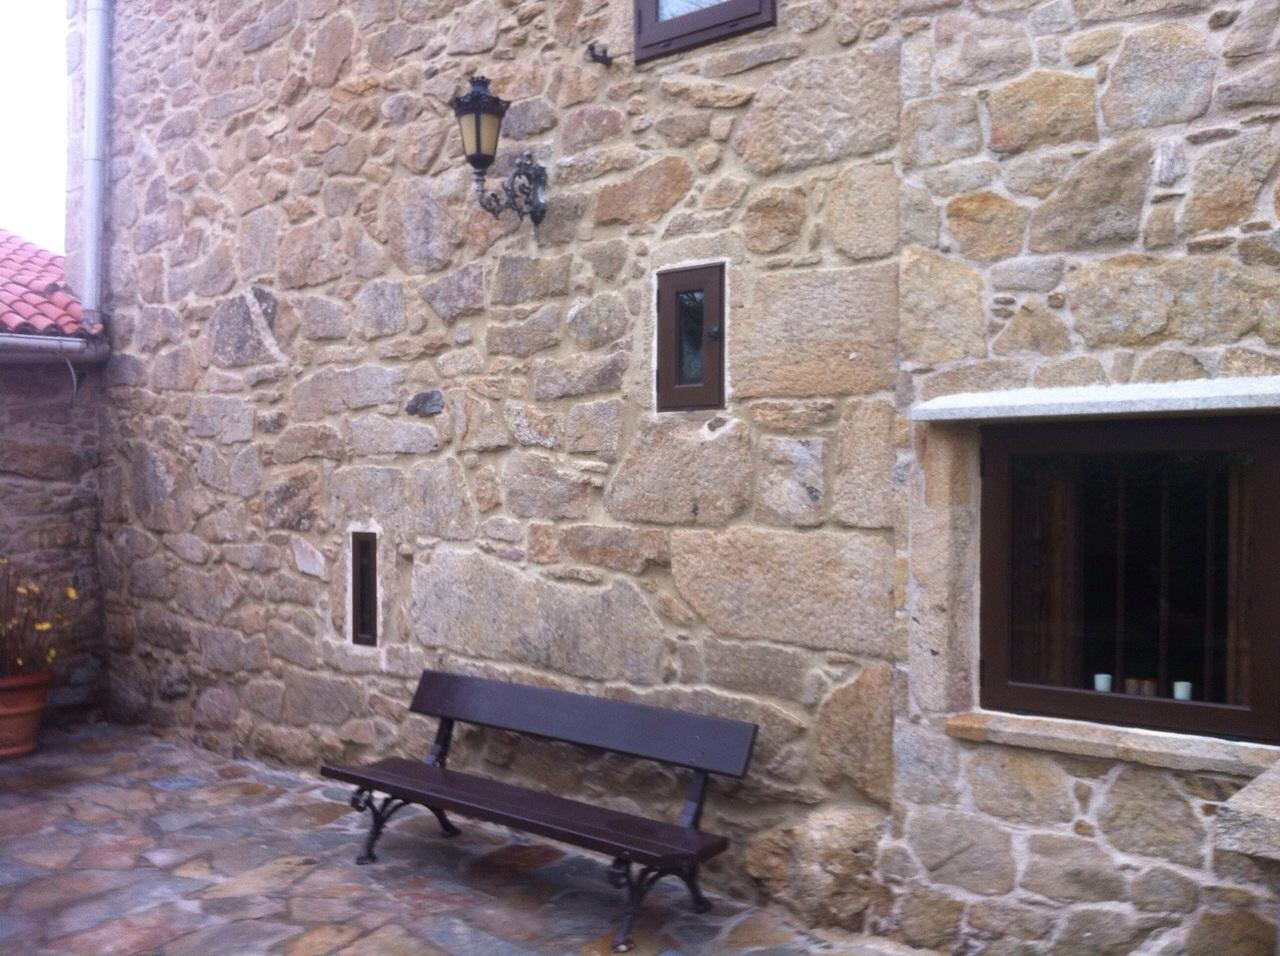 Limpieza de verd n y moho en fachada de piedra con - Limpieza de moho en paredes ...